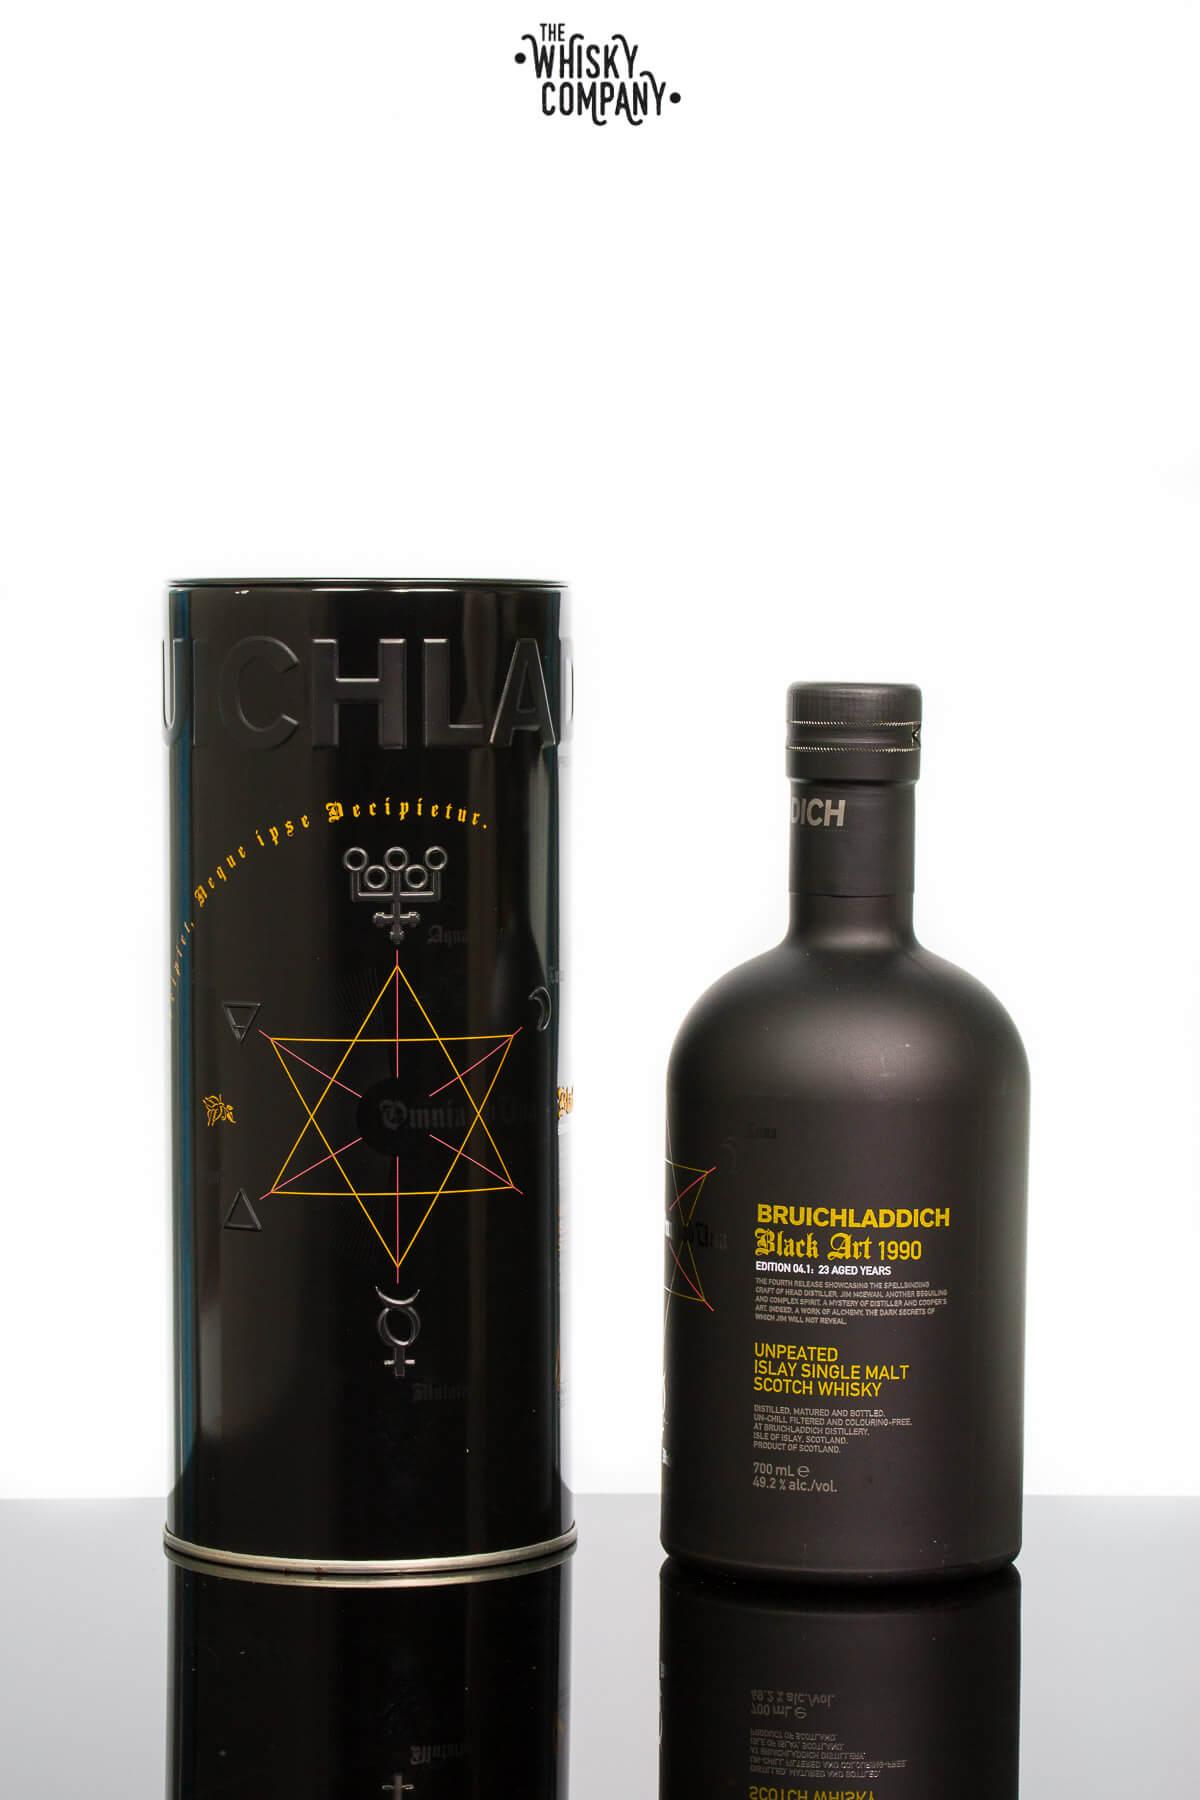 Bruichladdich 1990 Black Art Edition 4.1 Islay Single Malt Scotch Whisky (700ml)